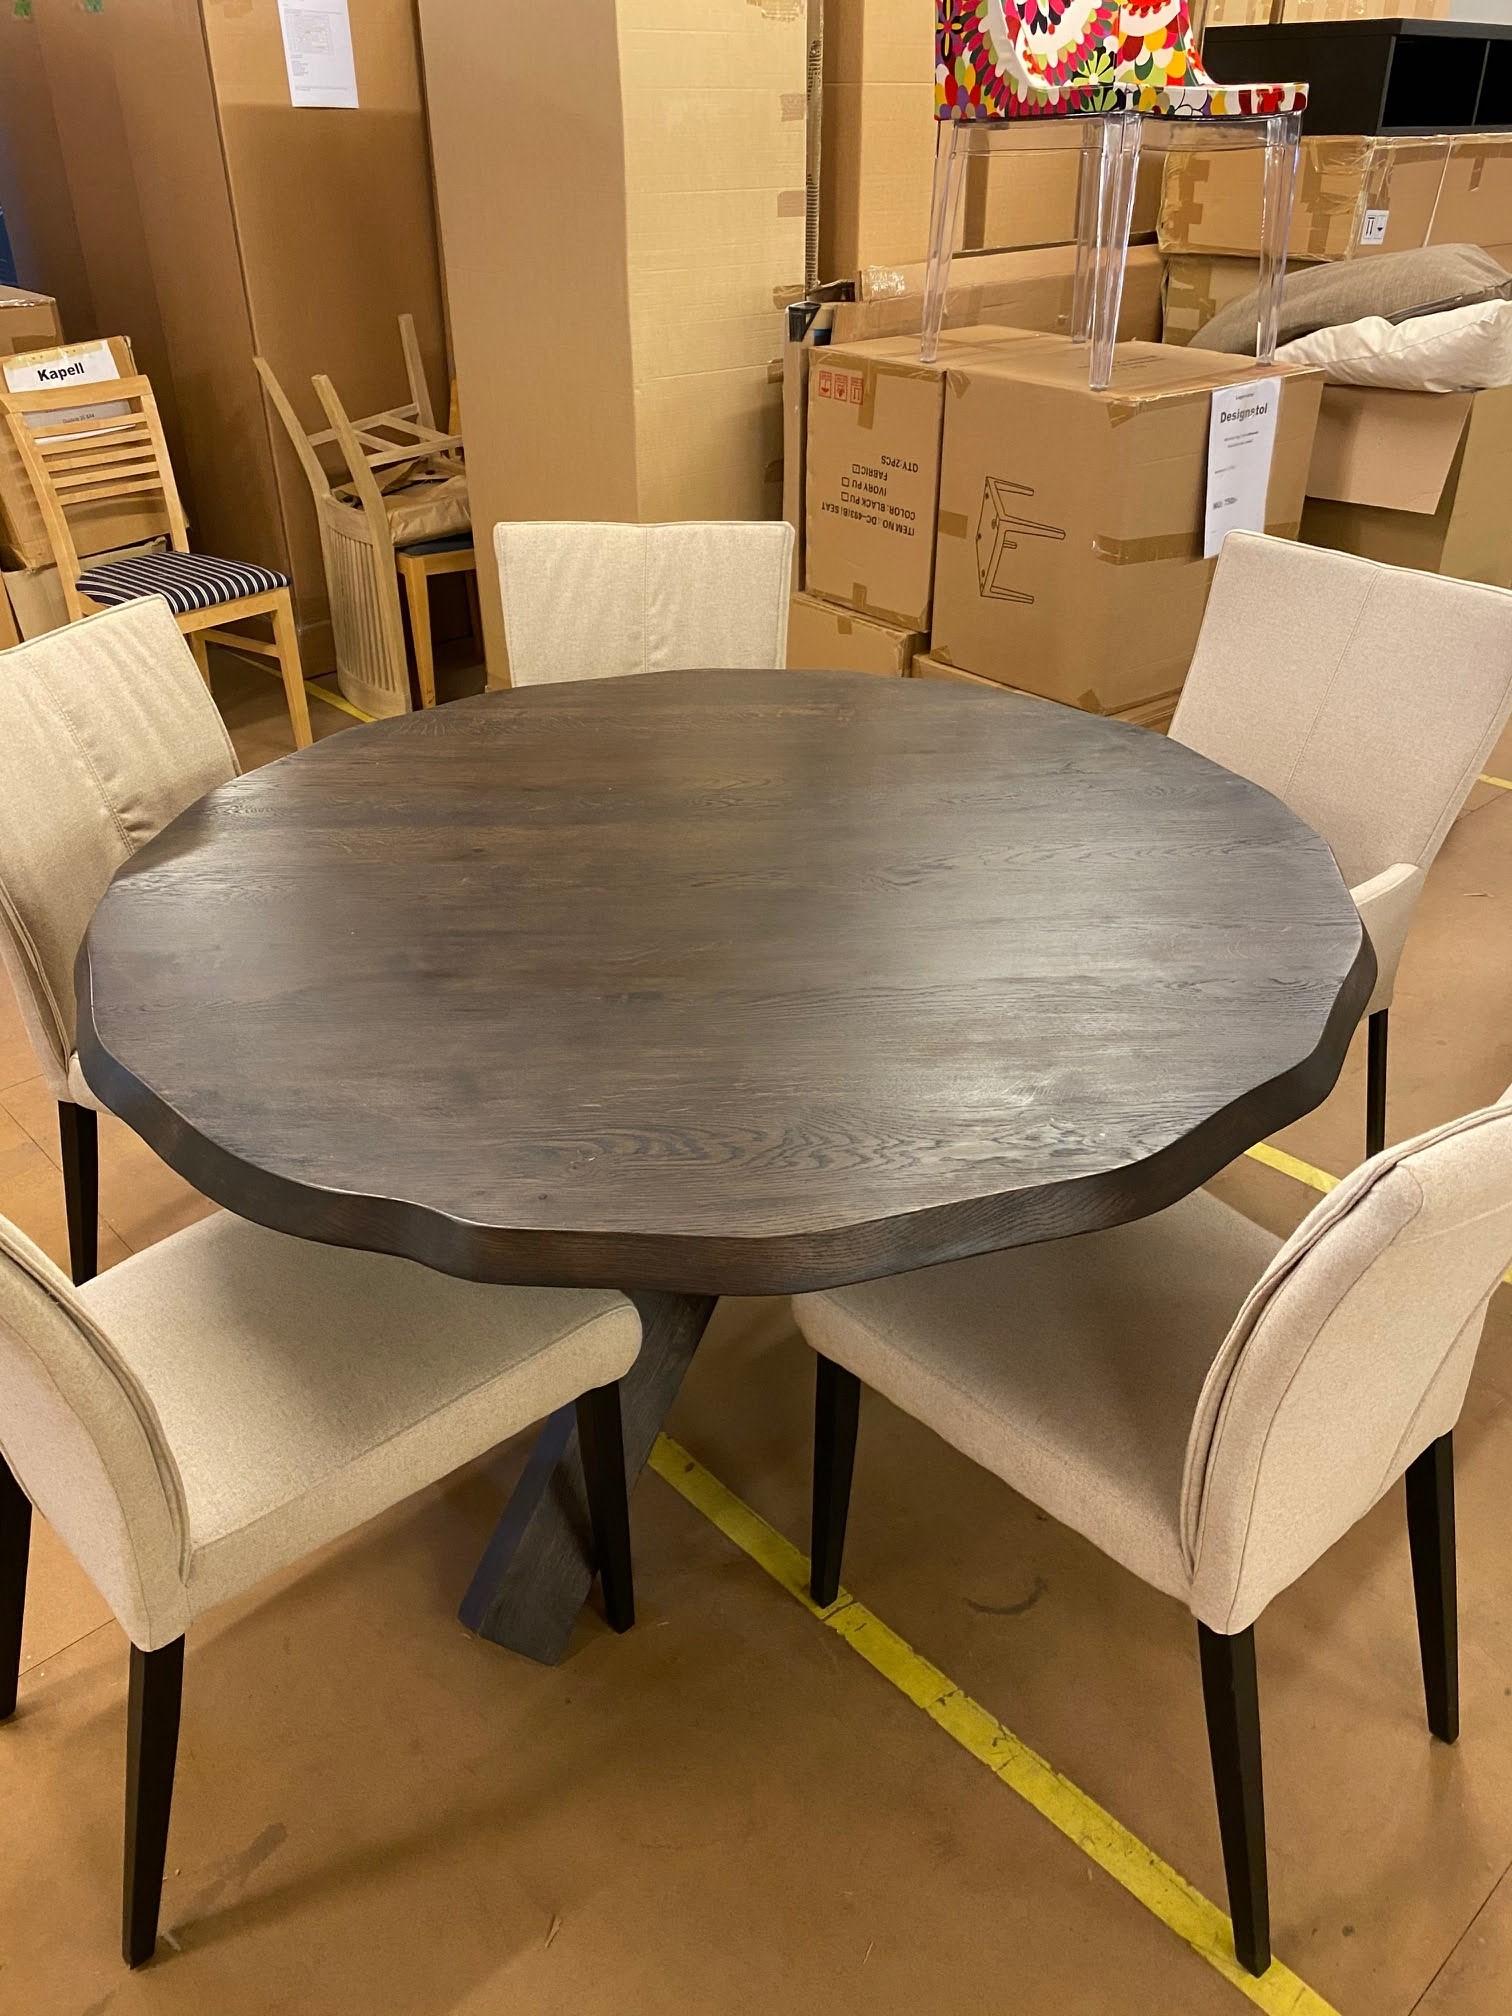 Coen Matbord 140cm diameter